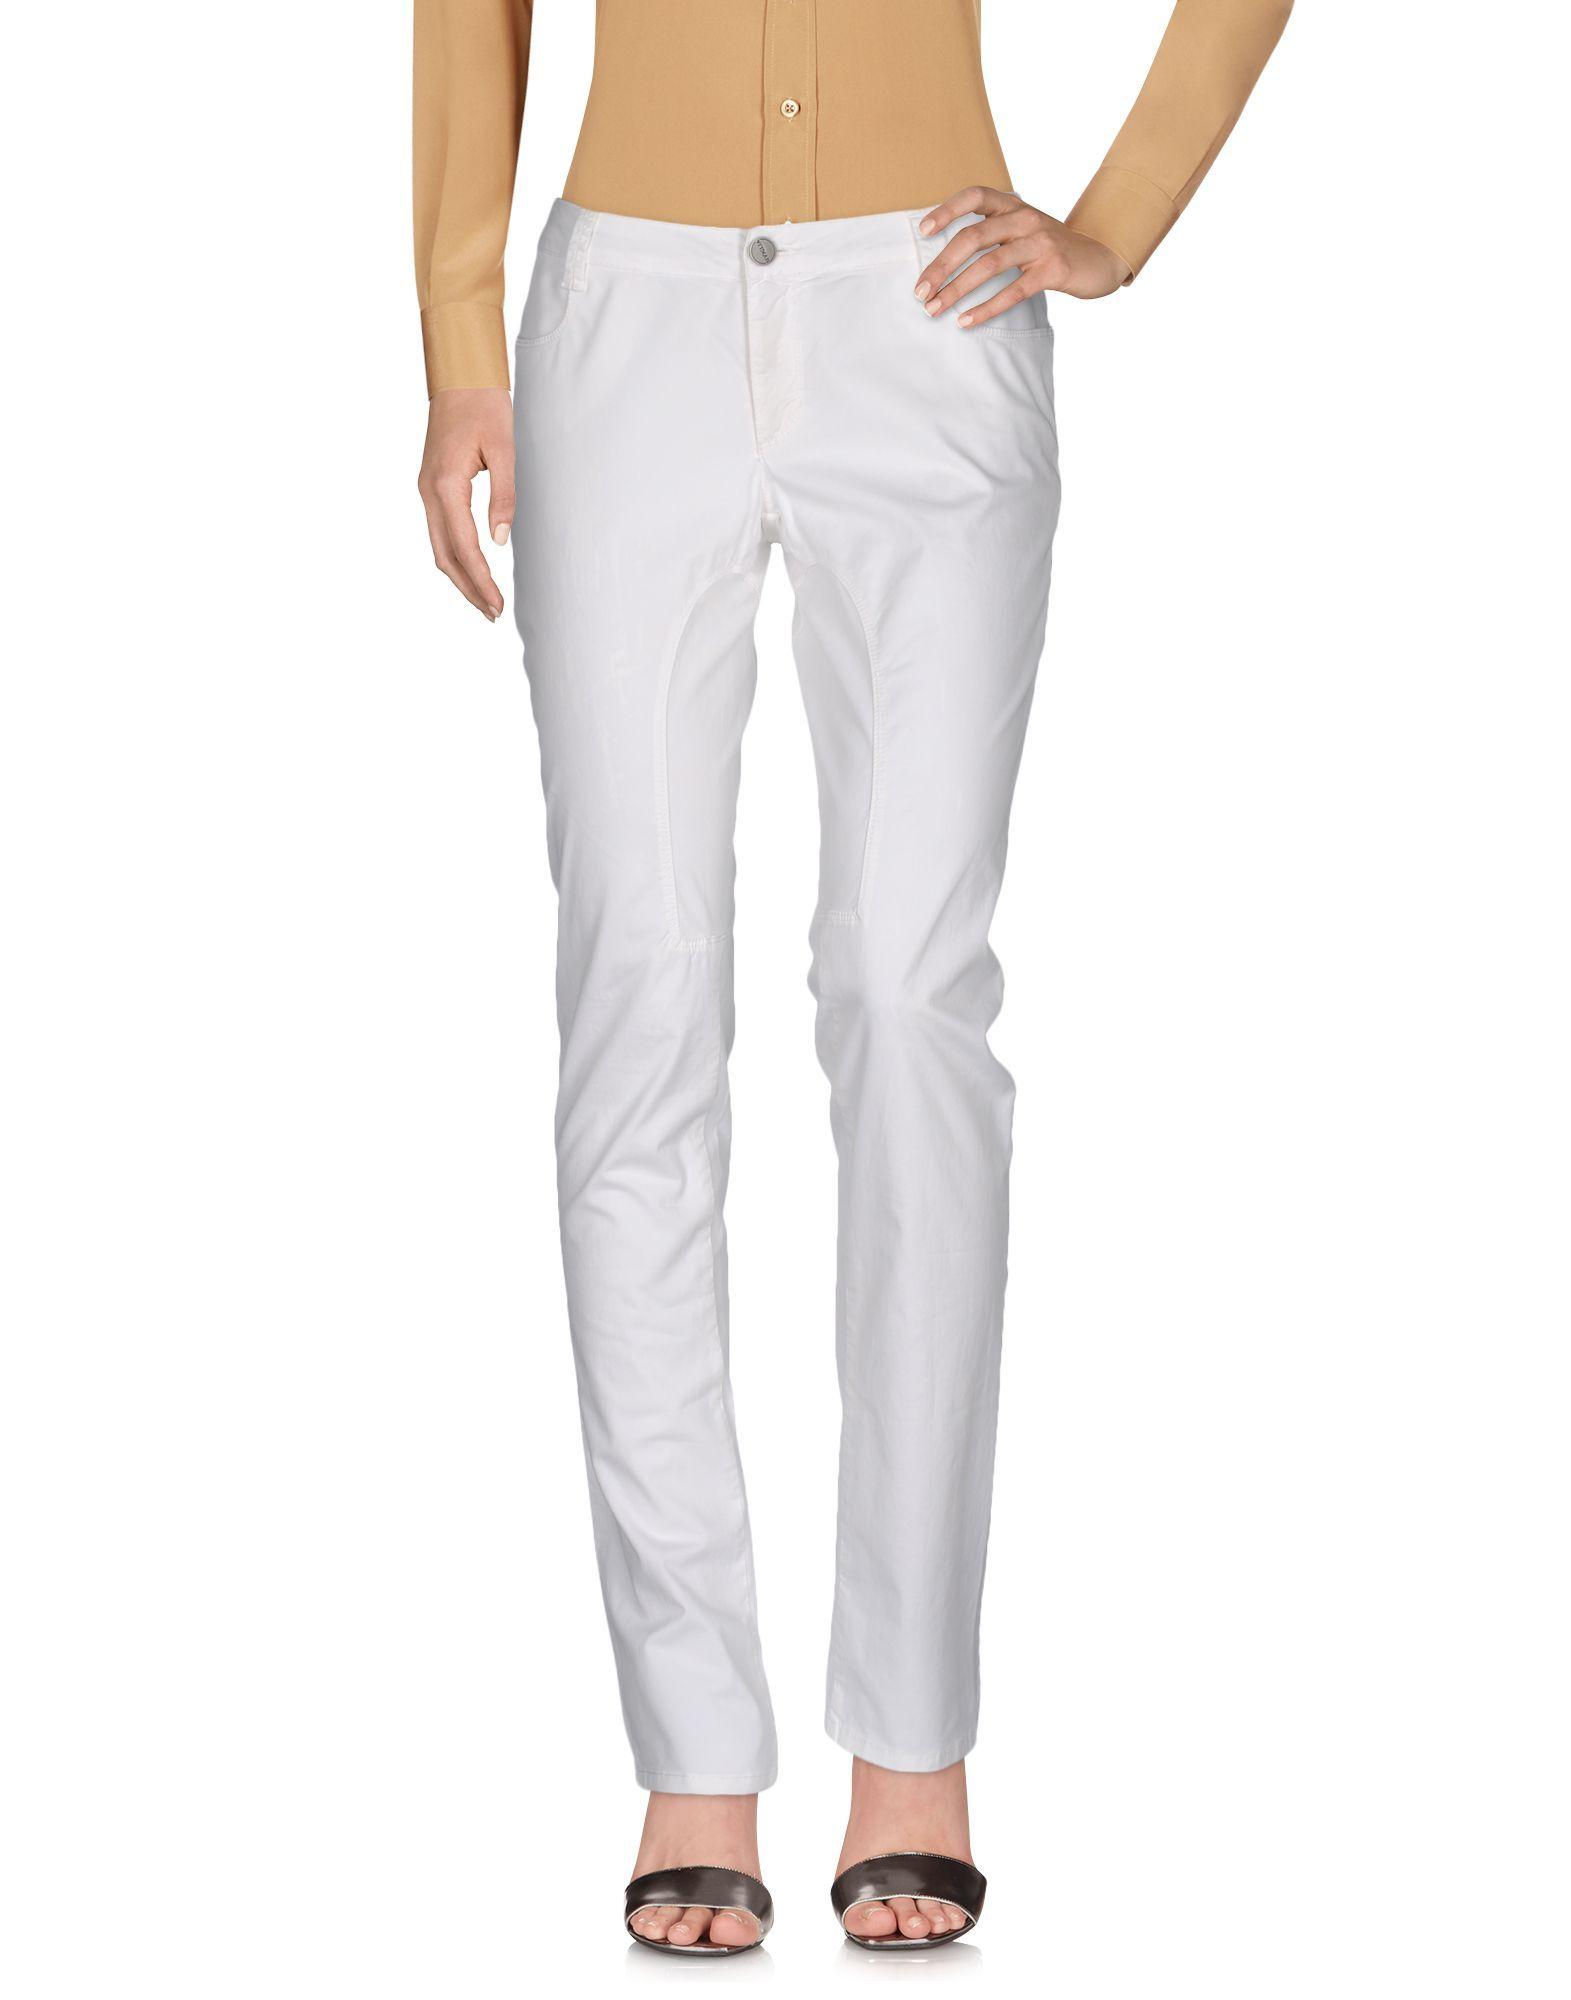 Siviglia White Cotton Trousers